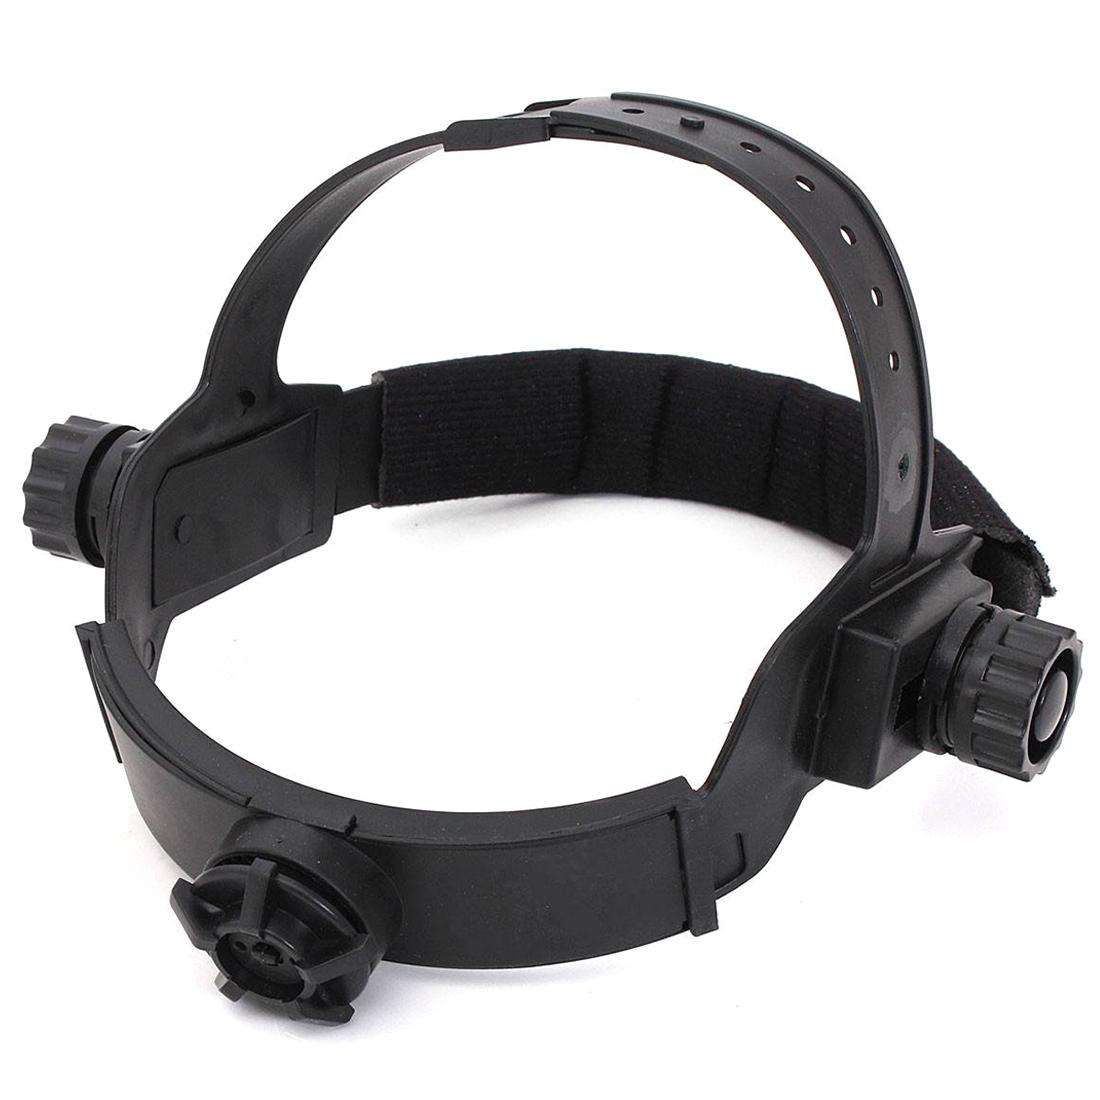 masque de soudure cagoule casque soudage solaire automatique utiliser energ y2m4 ebay. Black Bedroom Furniture Sets. Home Design Ideas